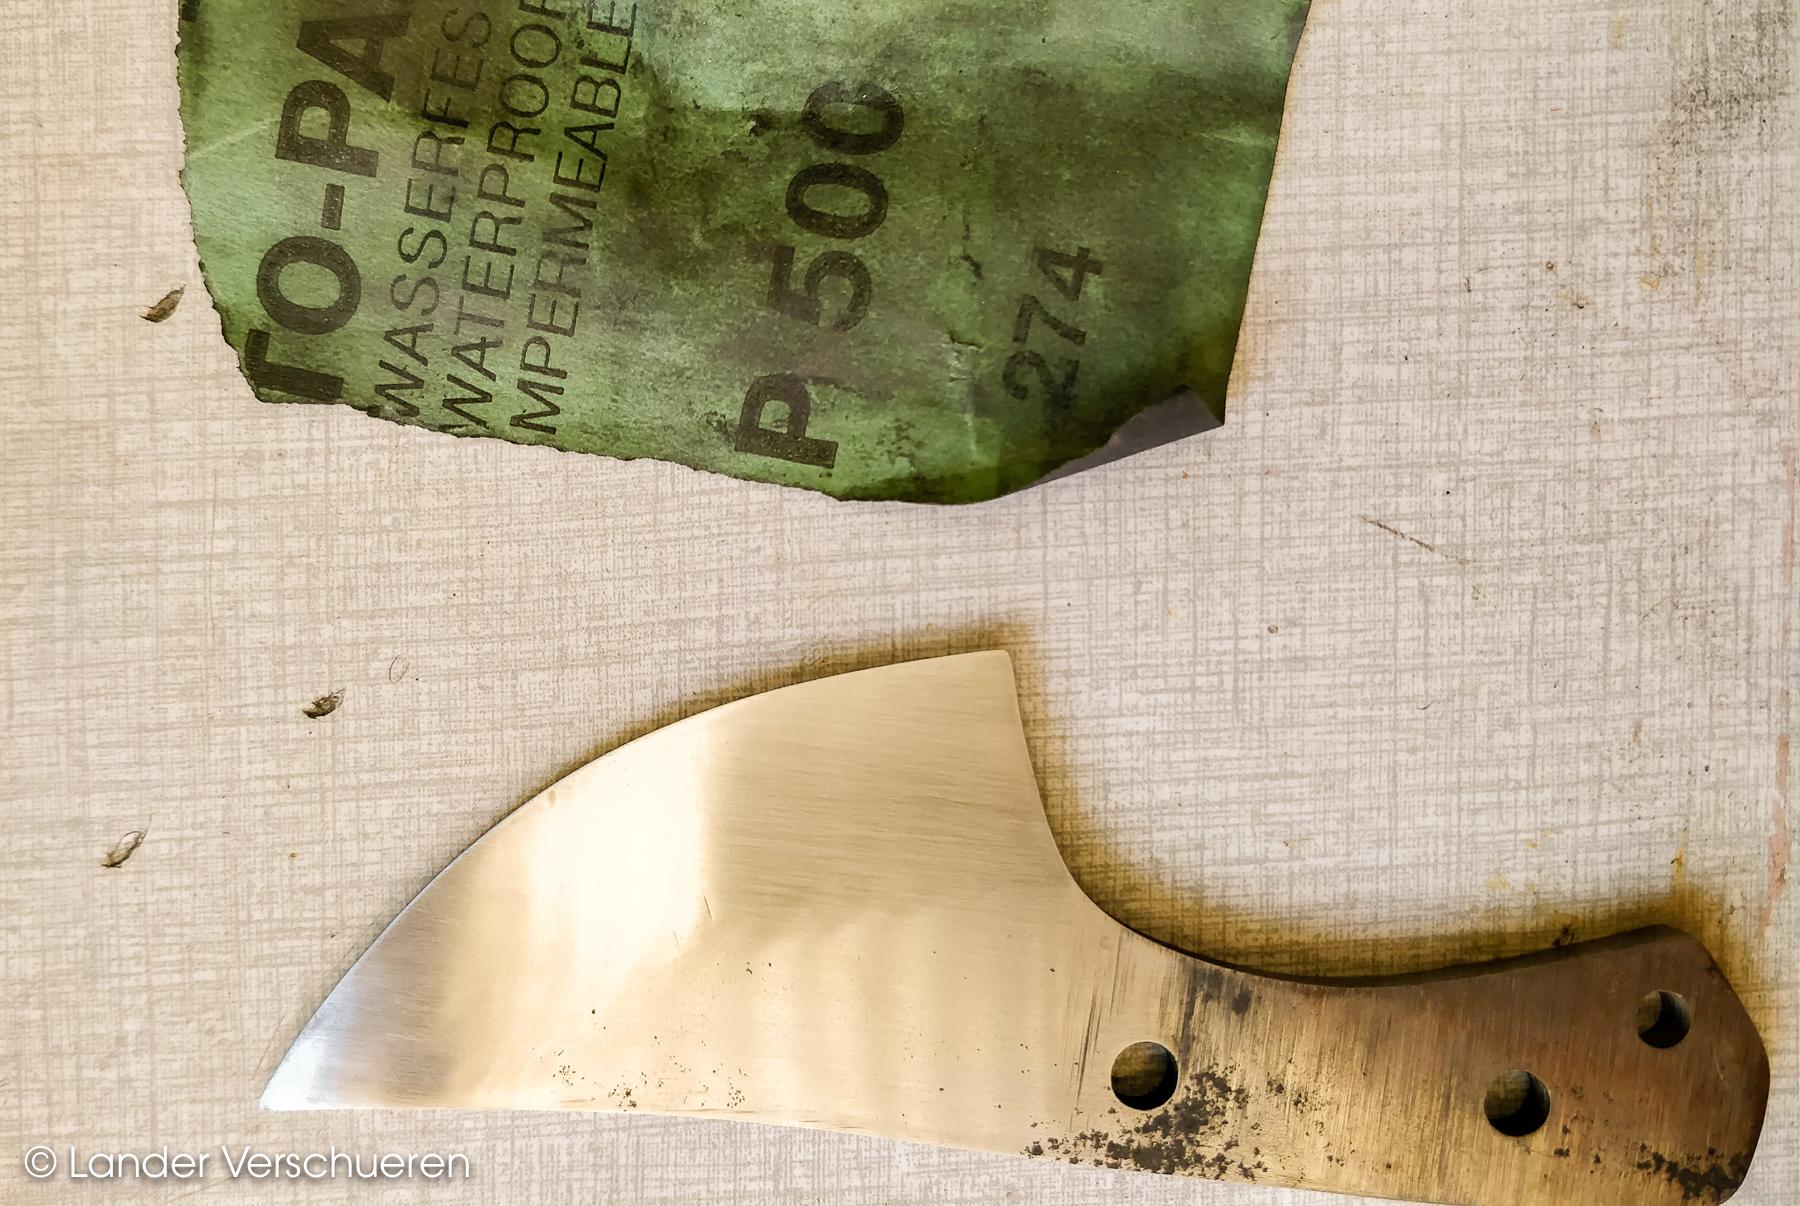 Lander Verschueren mes maken knife knives knifemaking handgemaakt handcrafted neck knife messen zelfgemaakt wapen staal metaal metaalbewerking small